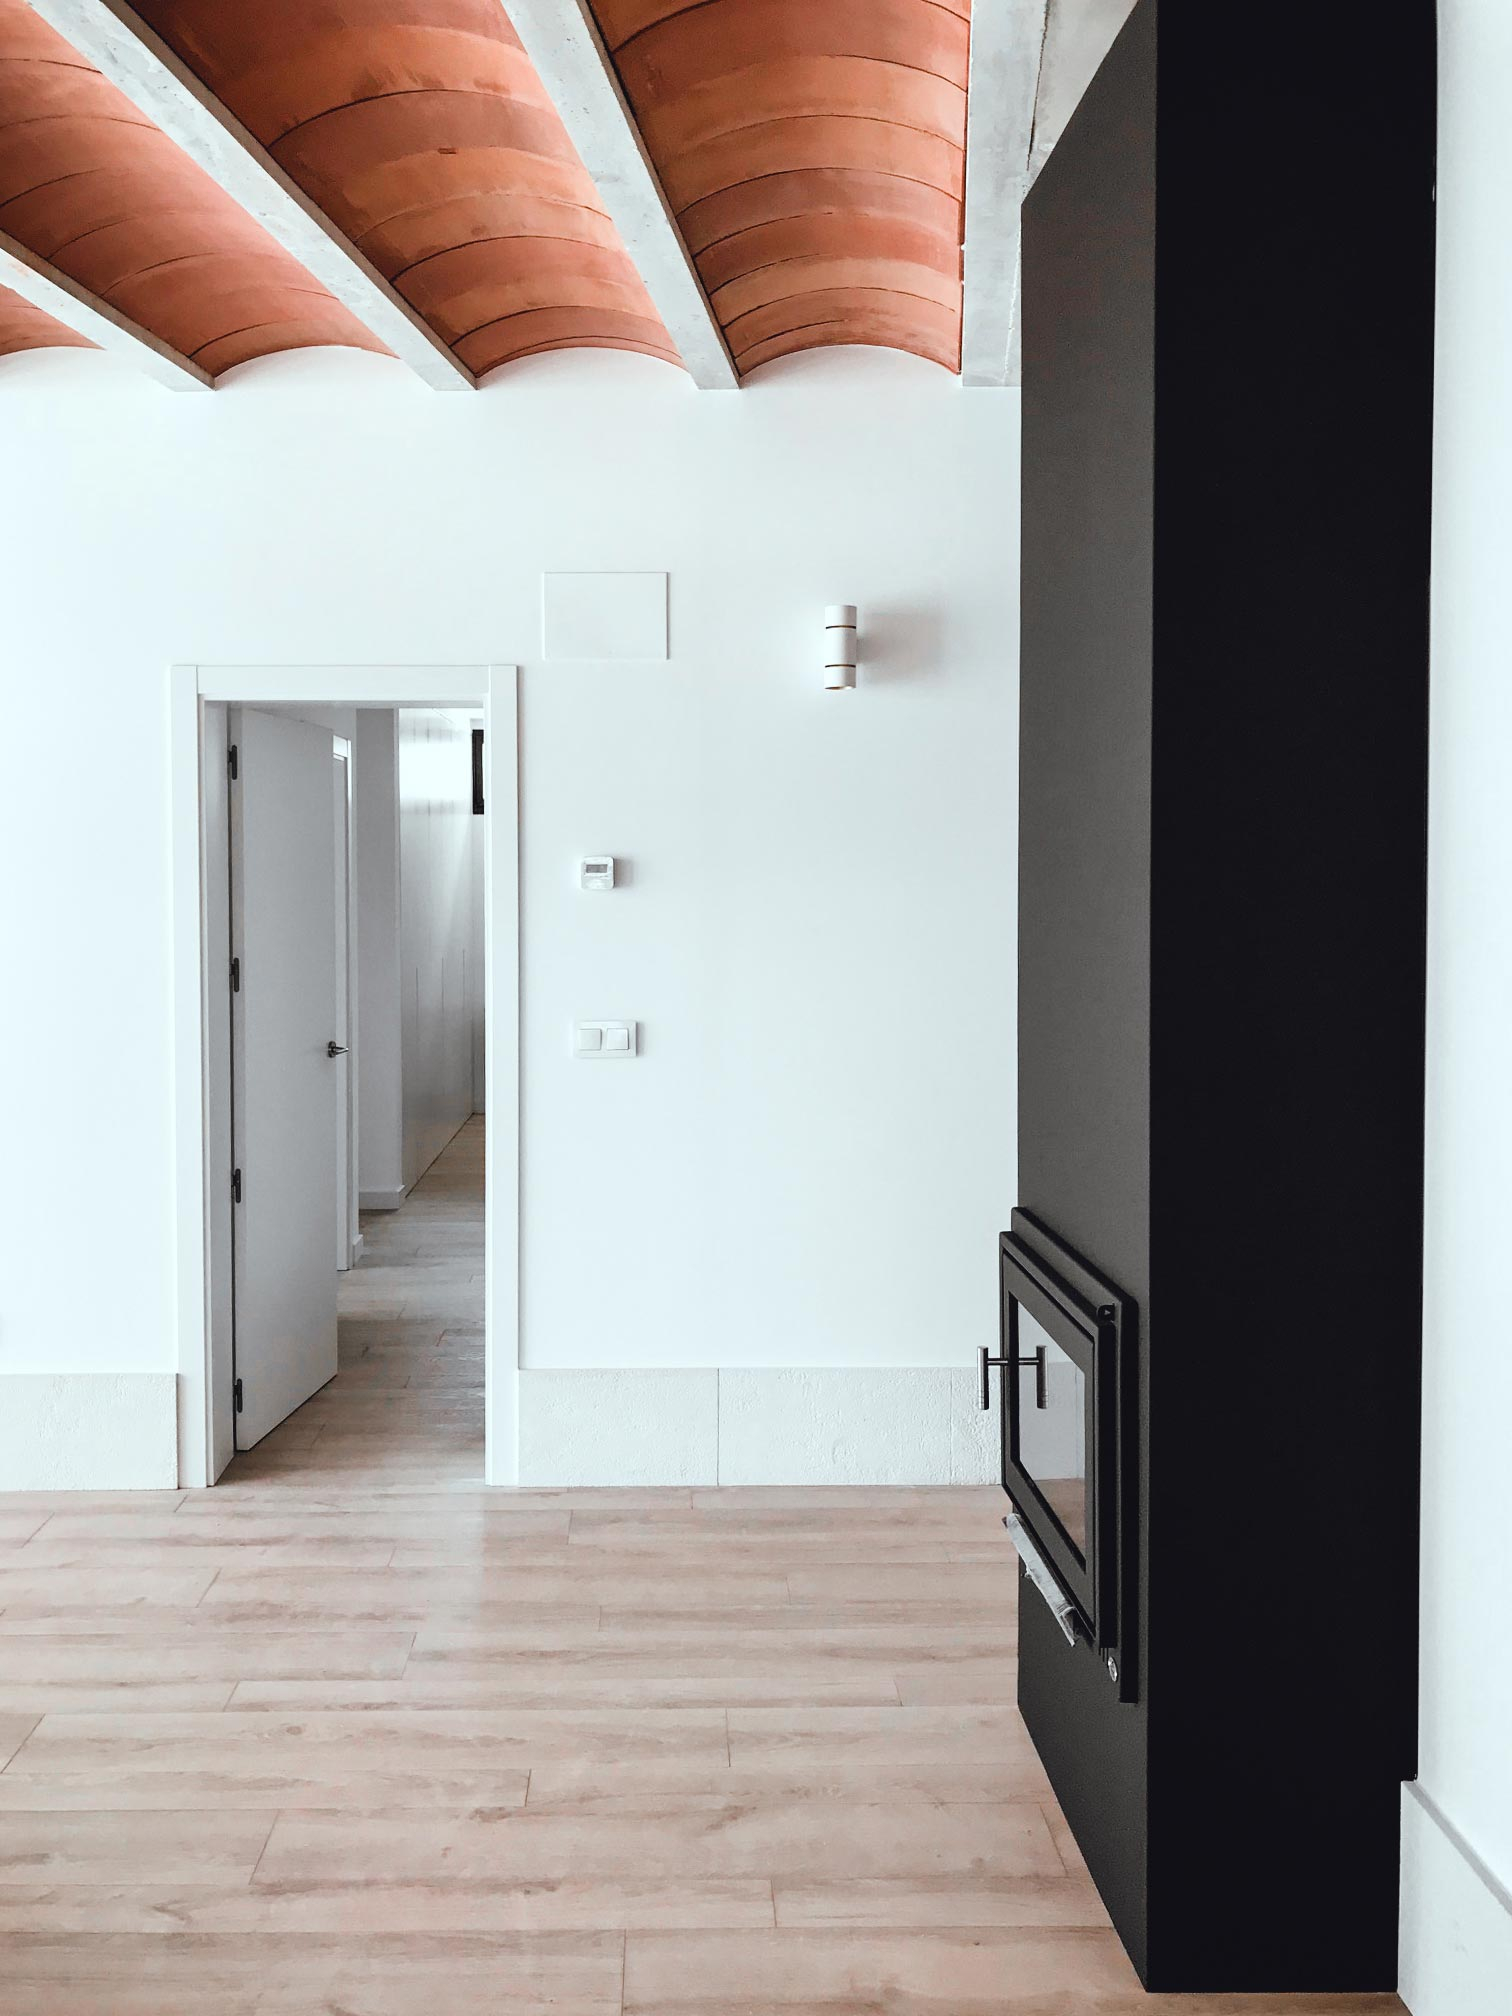 Salón con chimenea y techo de bovedillas cerámicas, arquitectura unifamiliar.